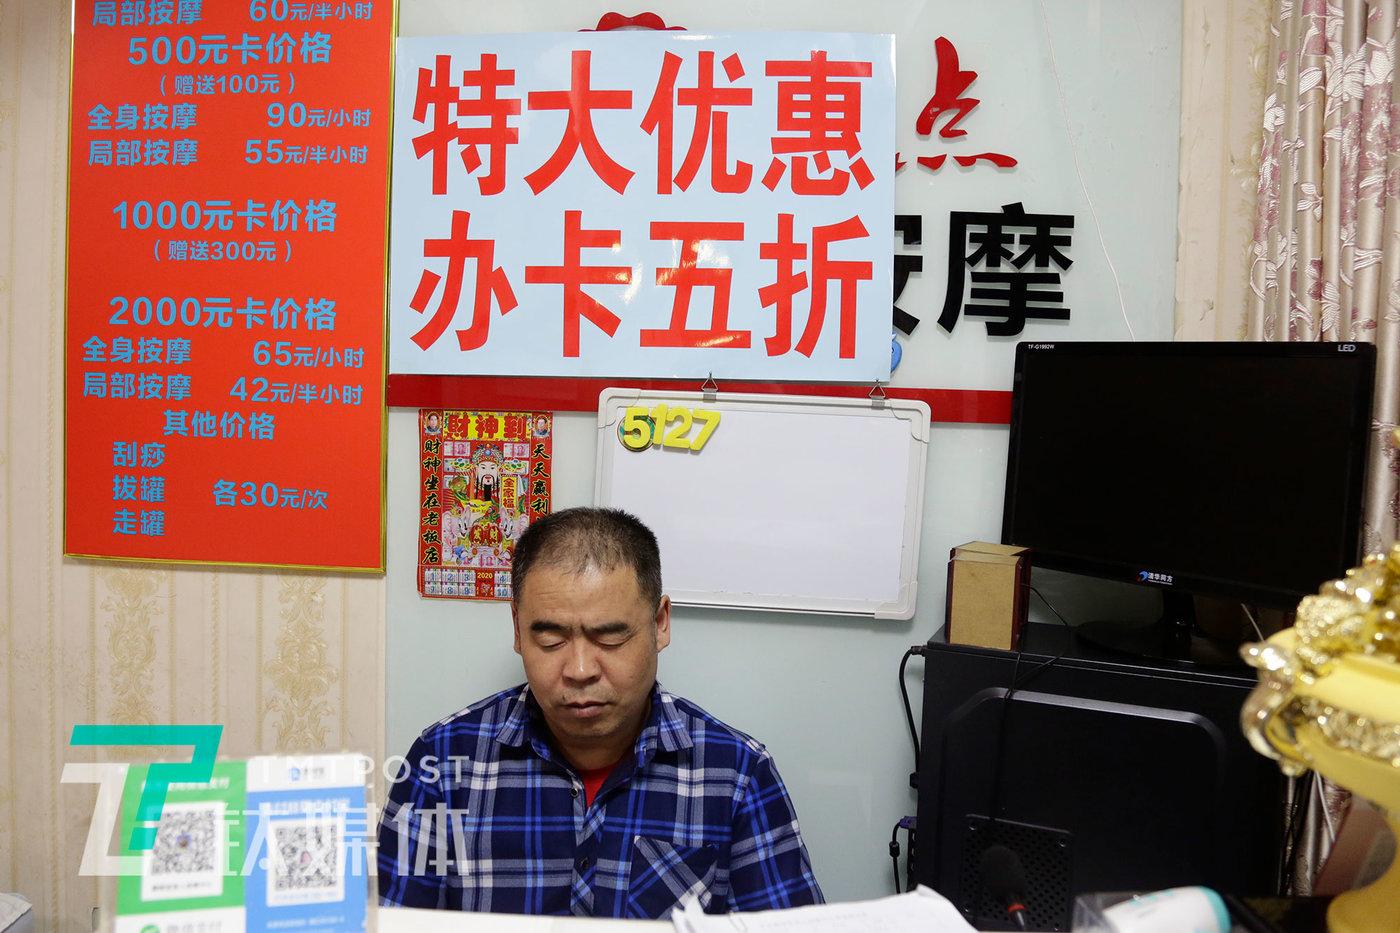 老李收银台,他身后的墙上是价目表和打折办卡的广告。